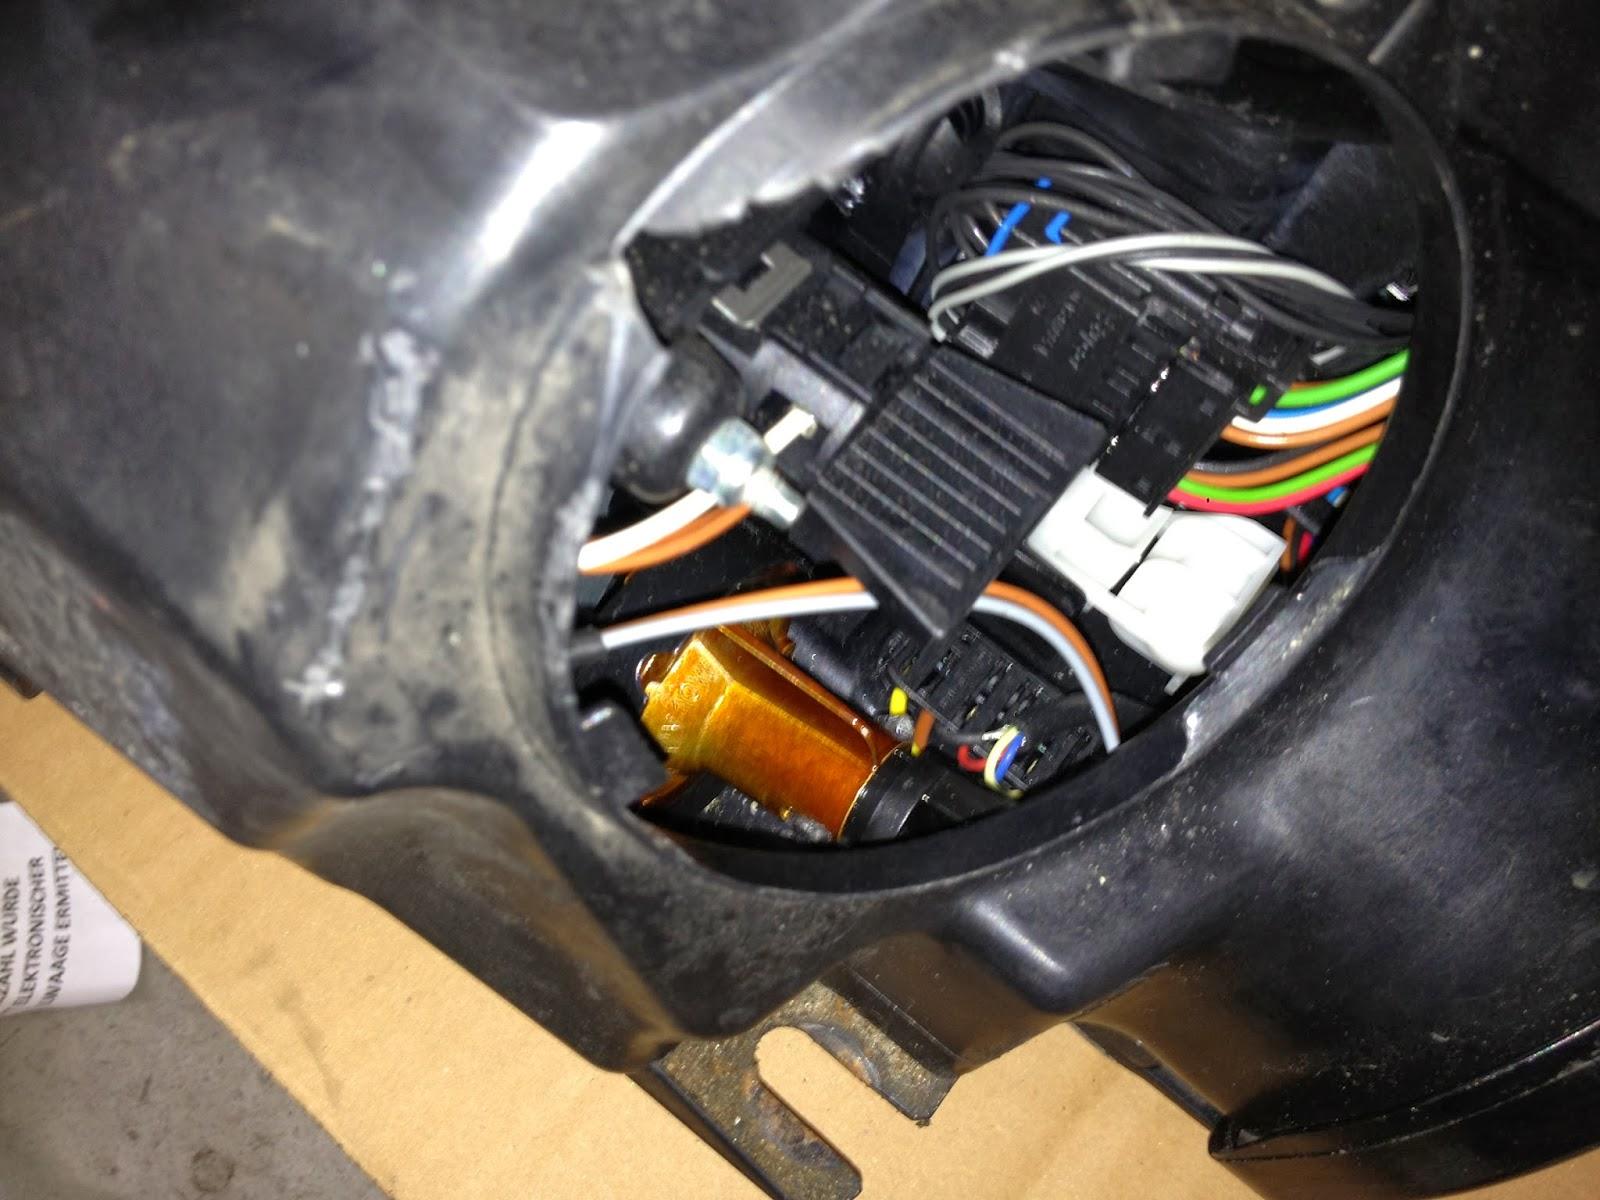 Beemer Lab: E60: First Fault - Parking-Light Bulb